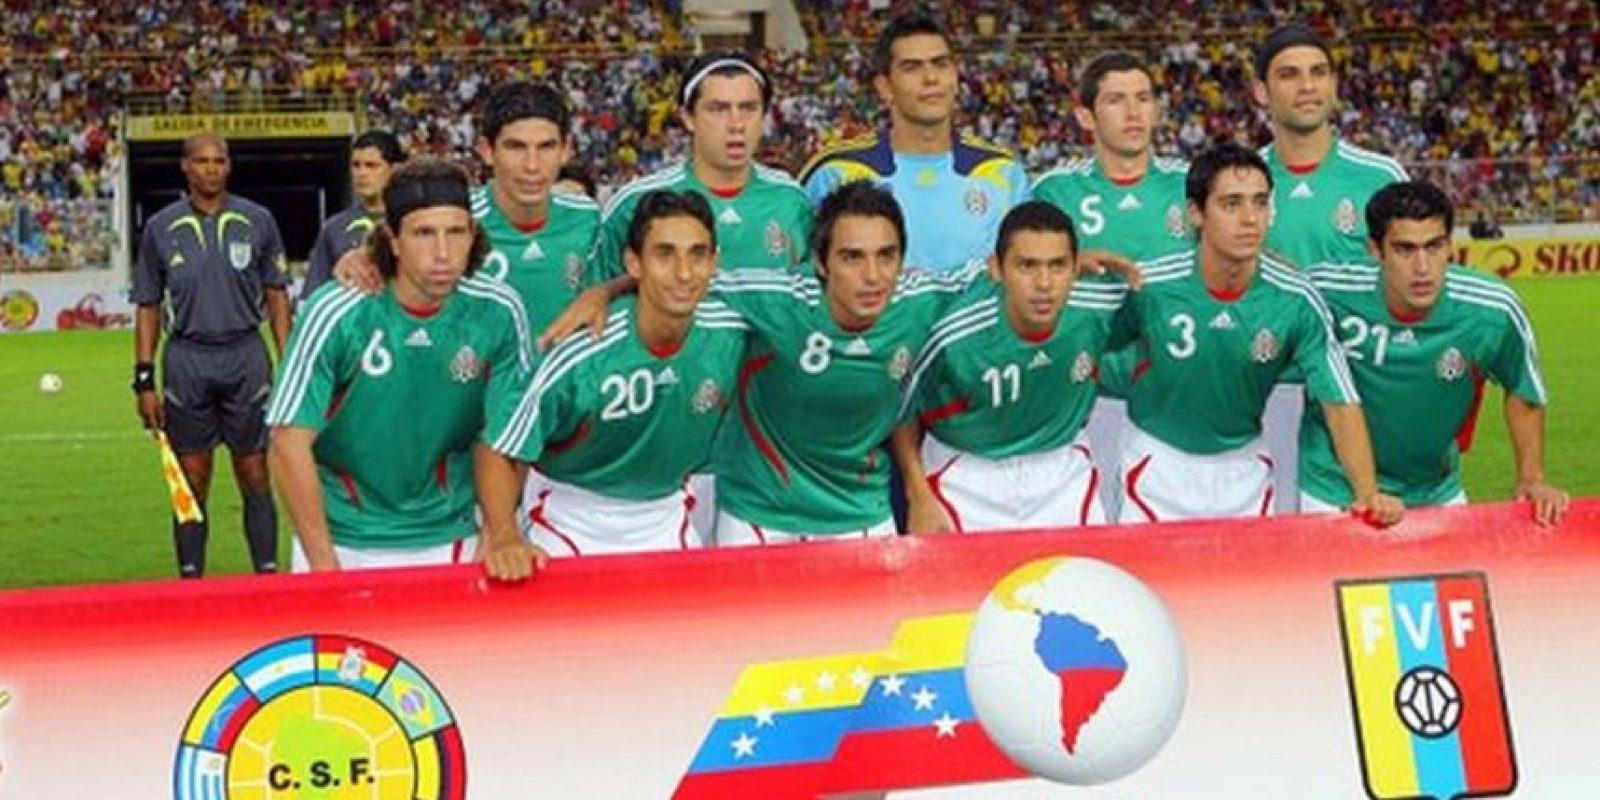 México fue tercero al derrotar 3-1 a Uruguay en la justa organizada en Venezuela. Foto:Twitter